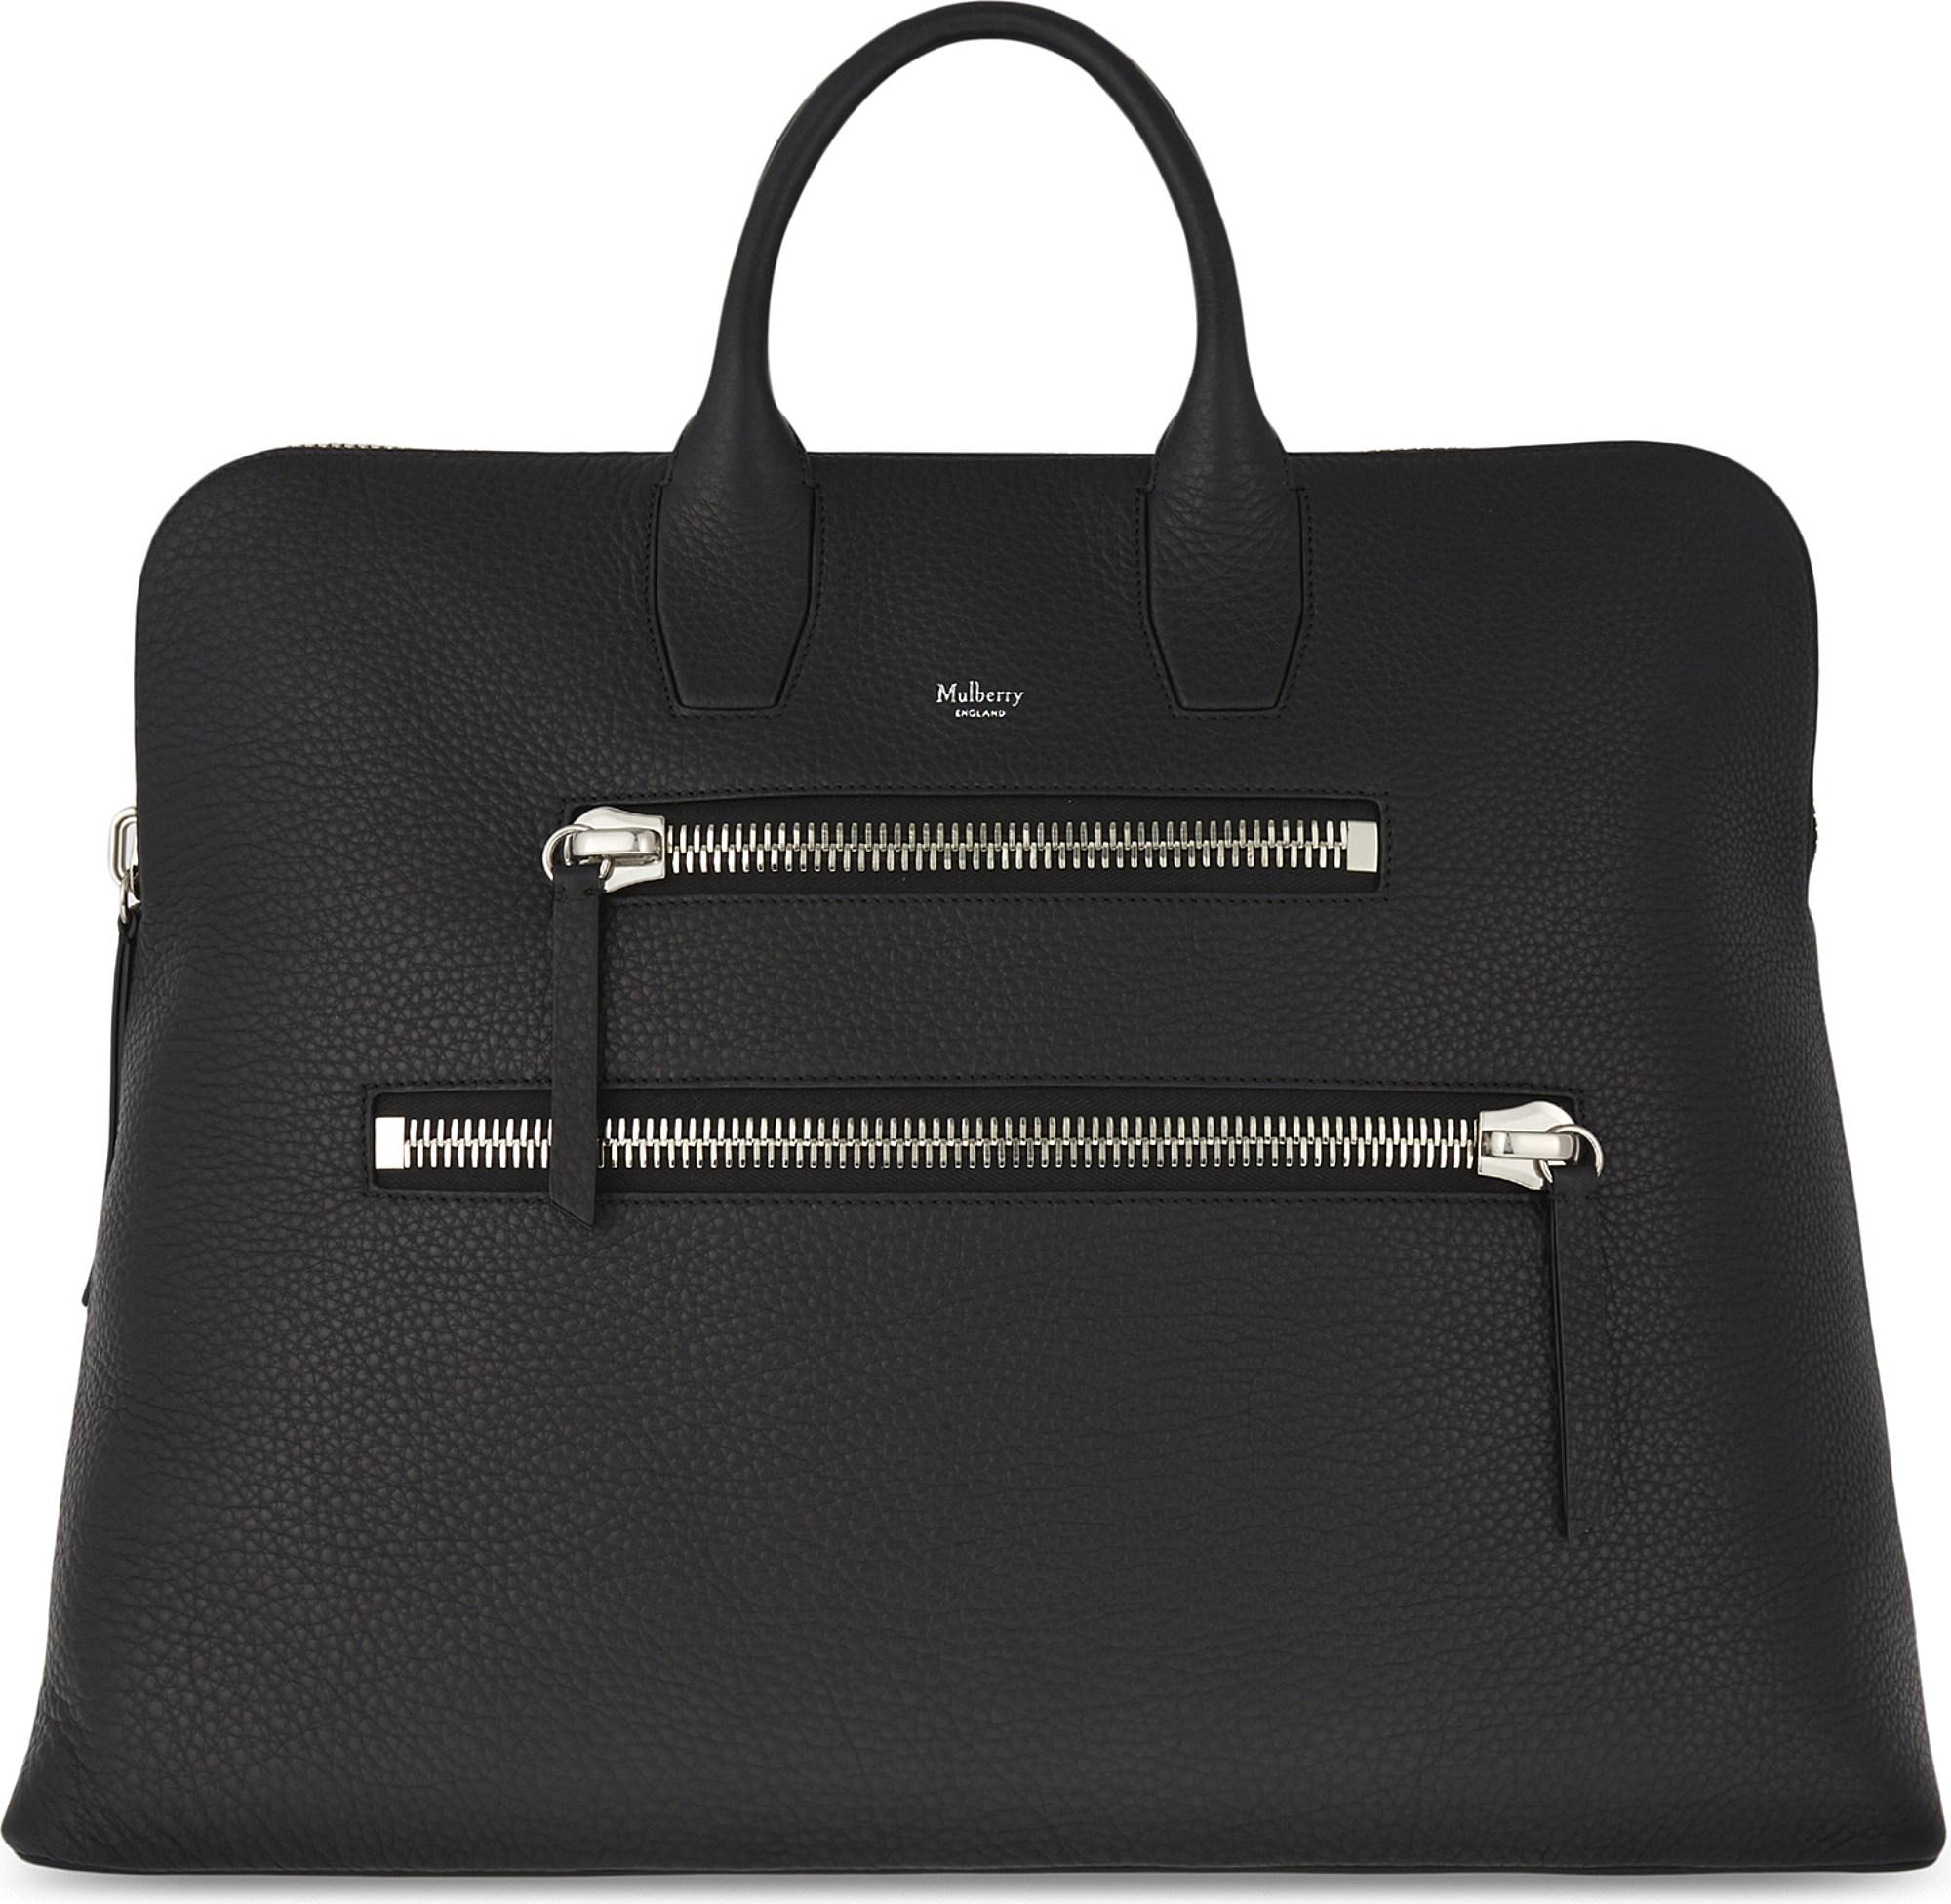 d55c20cab47c Mulberry Ladies Elegant Black Leather Zip Holdall Bag in Black - Lyst